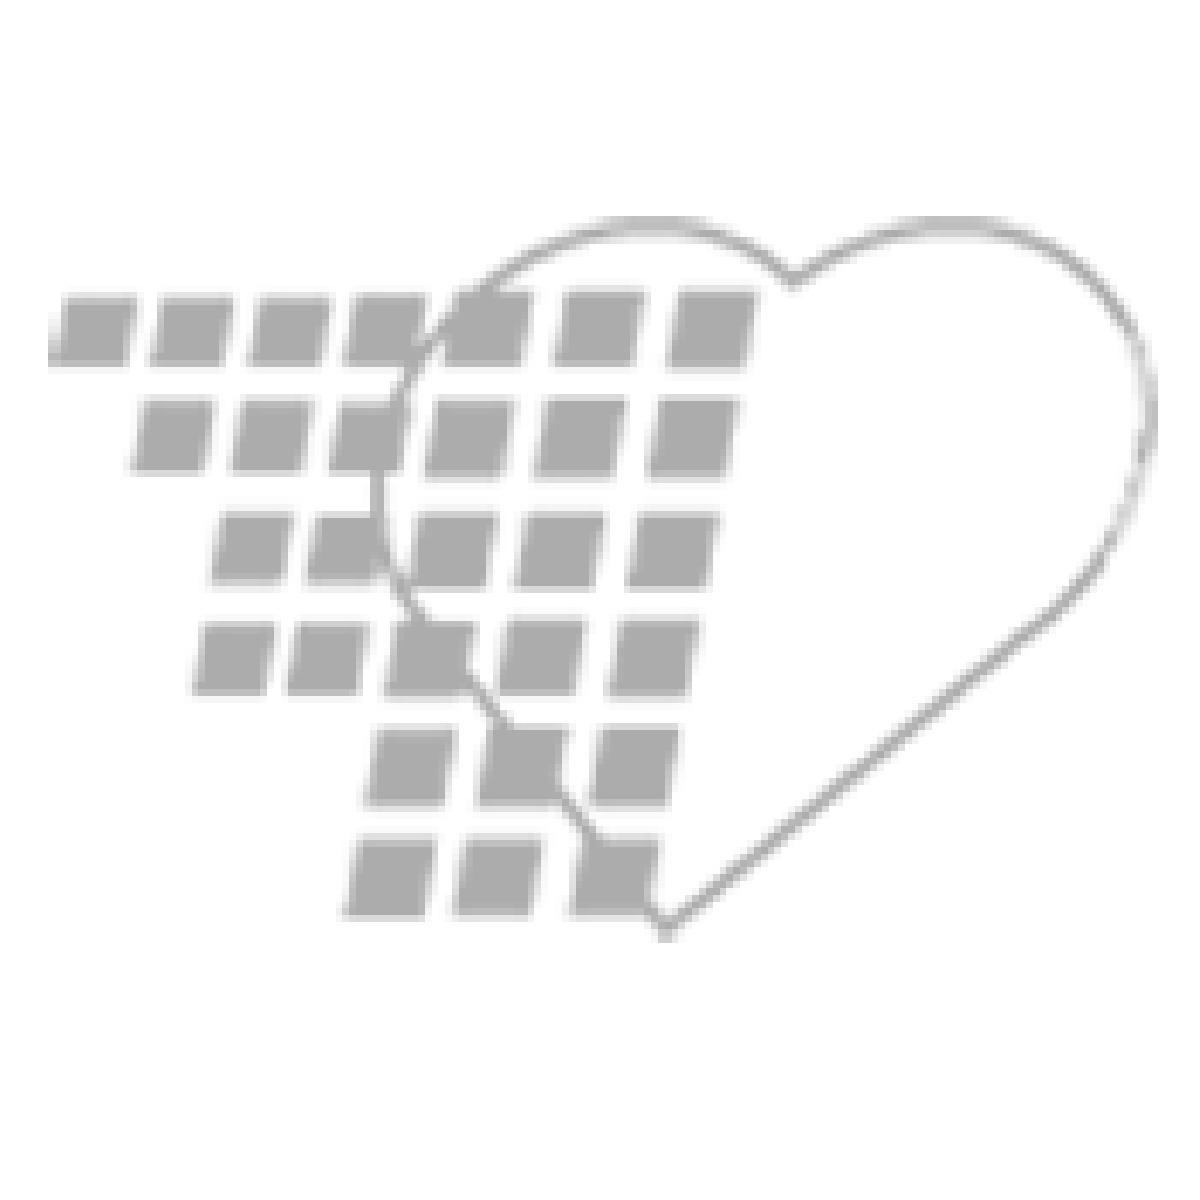 06-93-1116 - Demo Dose® Adenocrd 4 mL 12 mg/4 mL